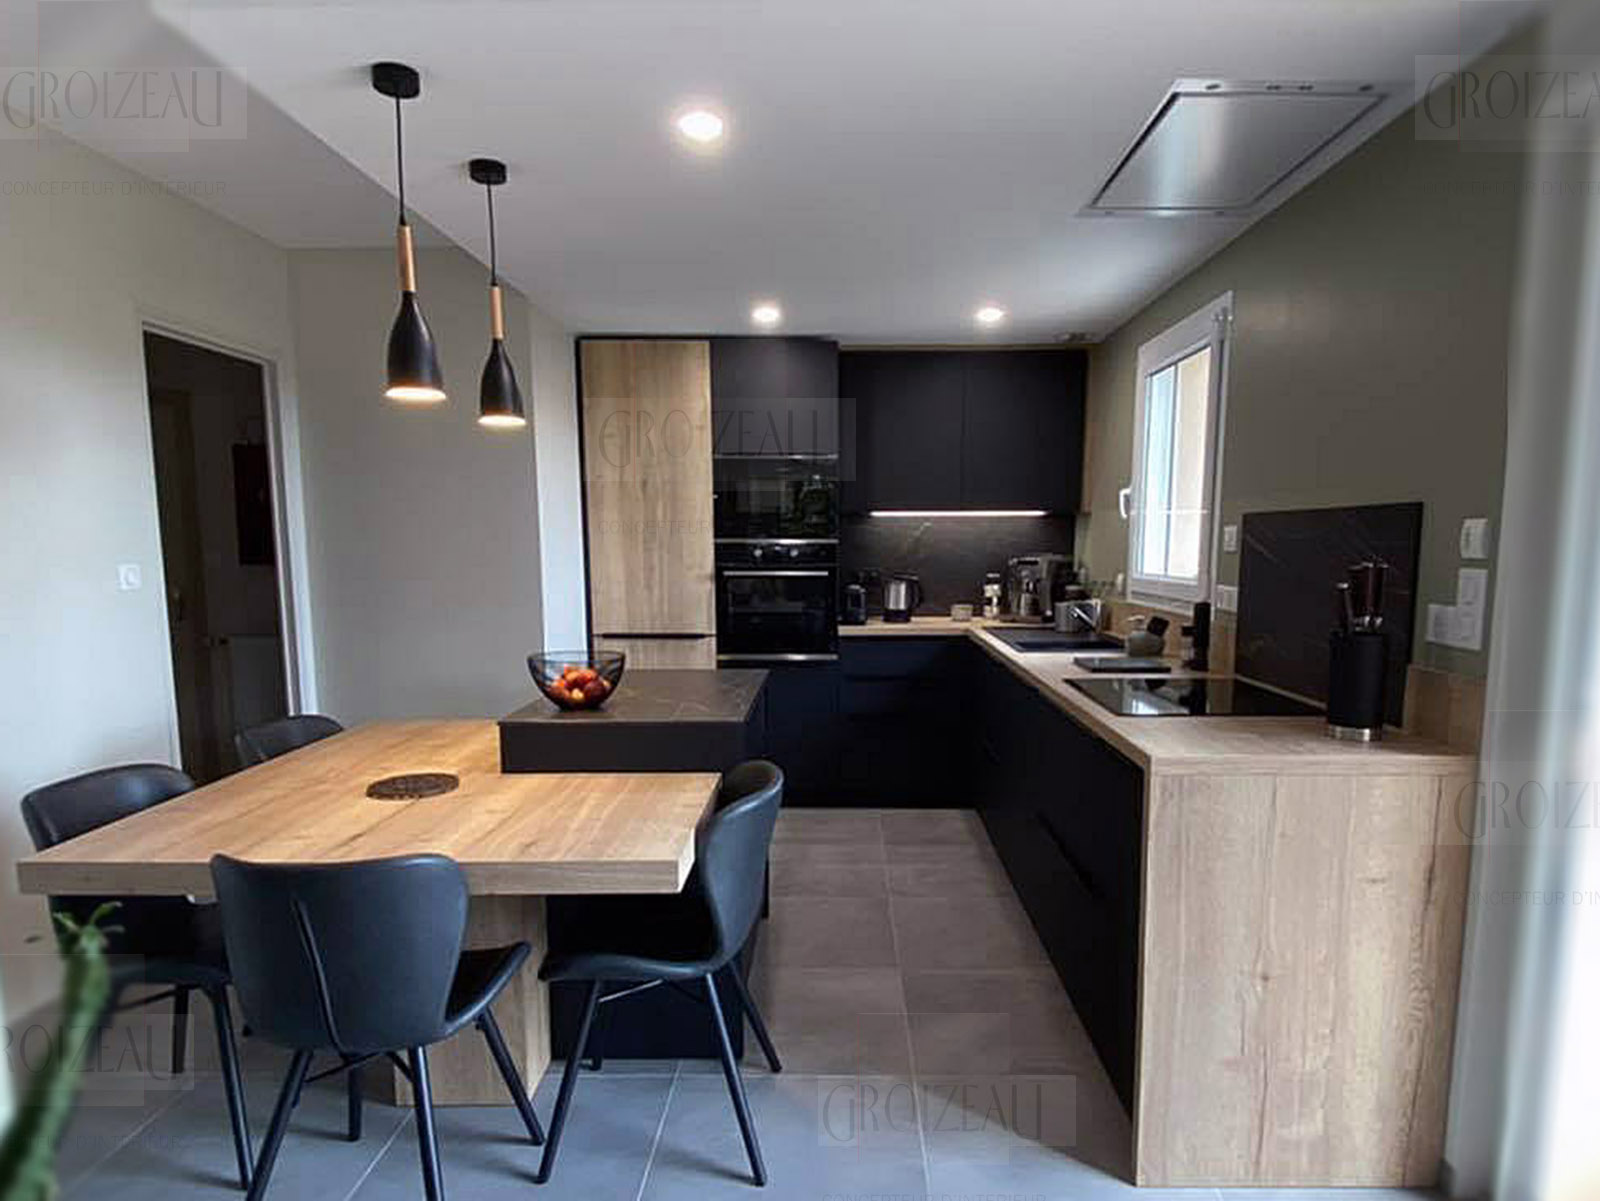 Cuisine en chêne avec façades noir mat et ilo Dekton avec table emboutie